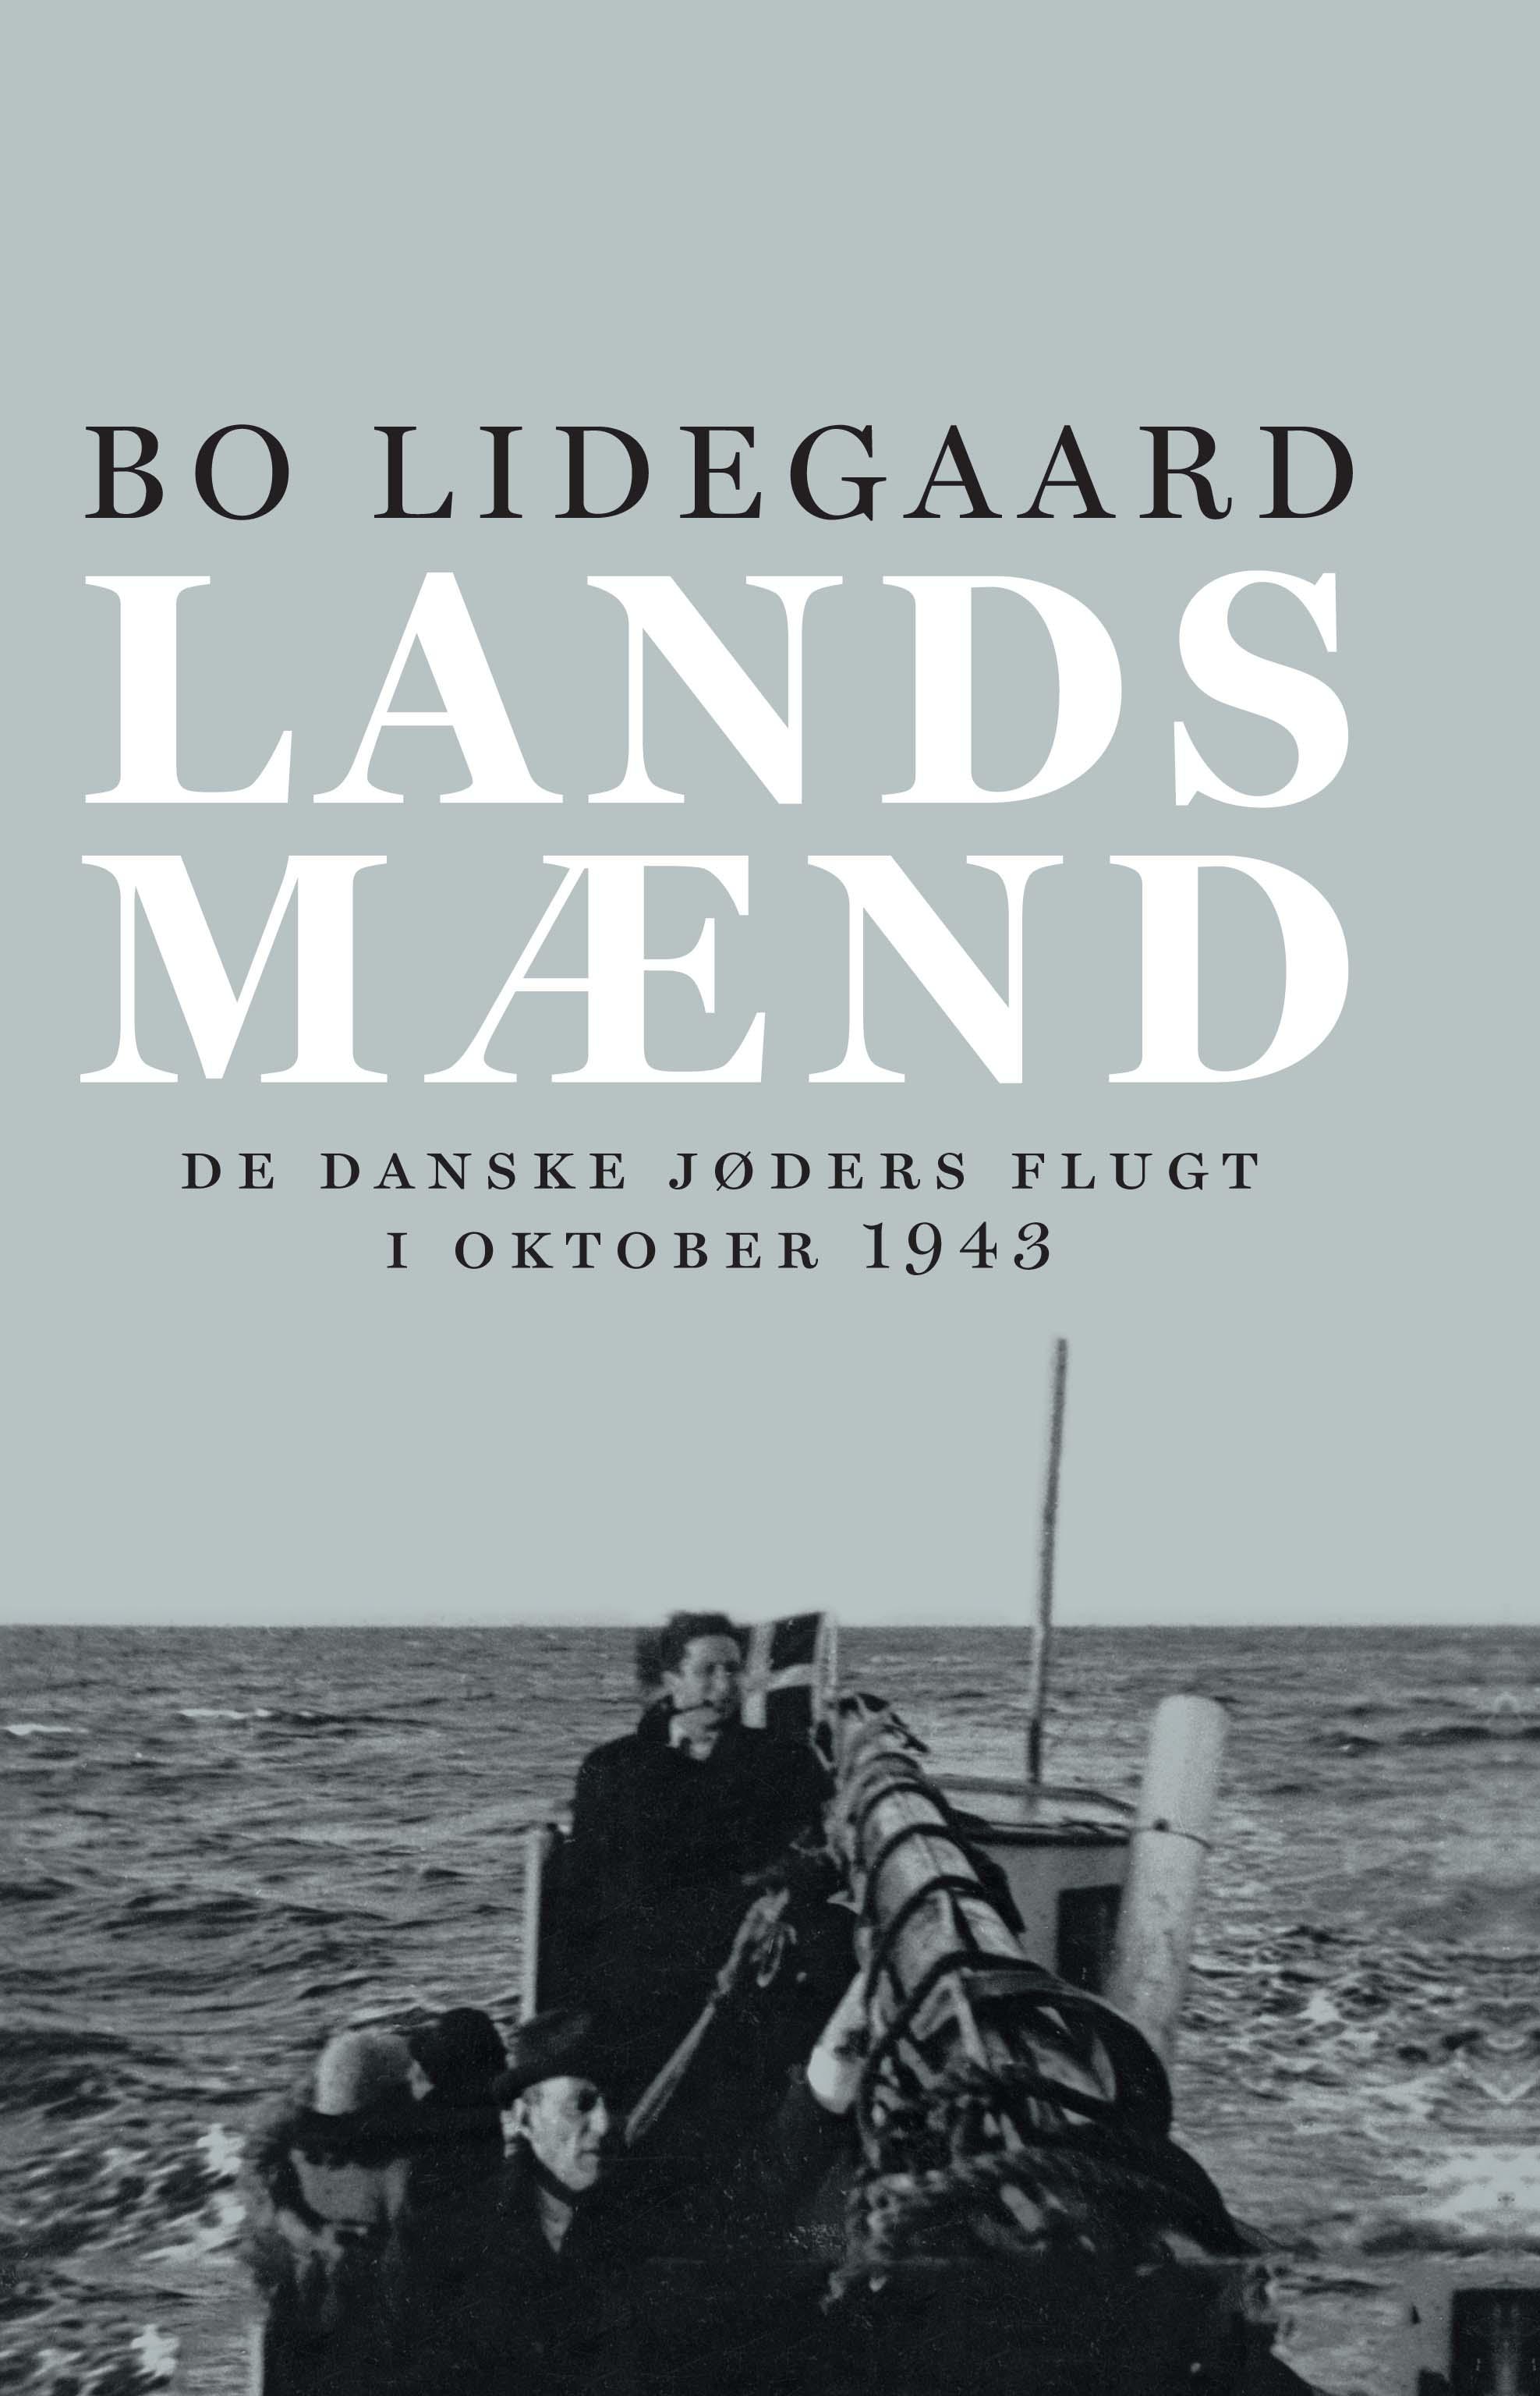 Landsmænd - Bo Lidegaard - Bøger - Politikens Forlag - 9788740062465 - 17/3-2020